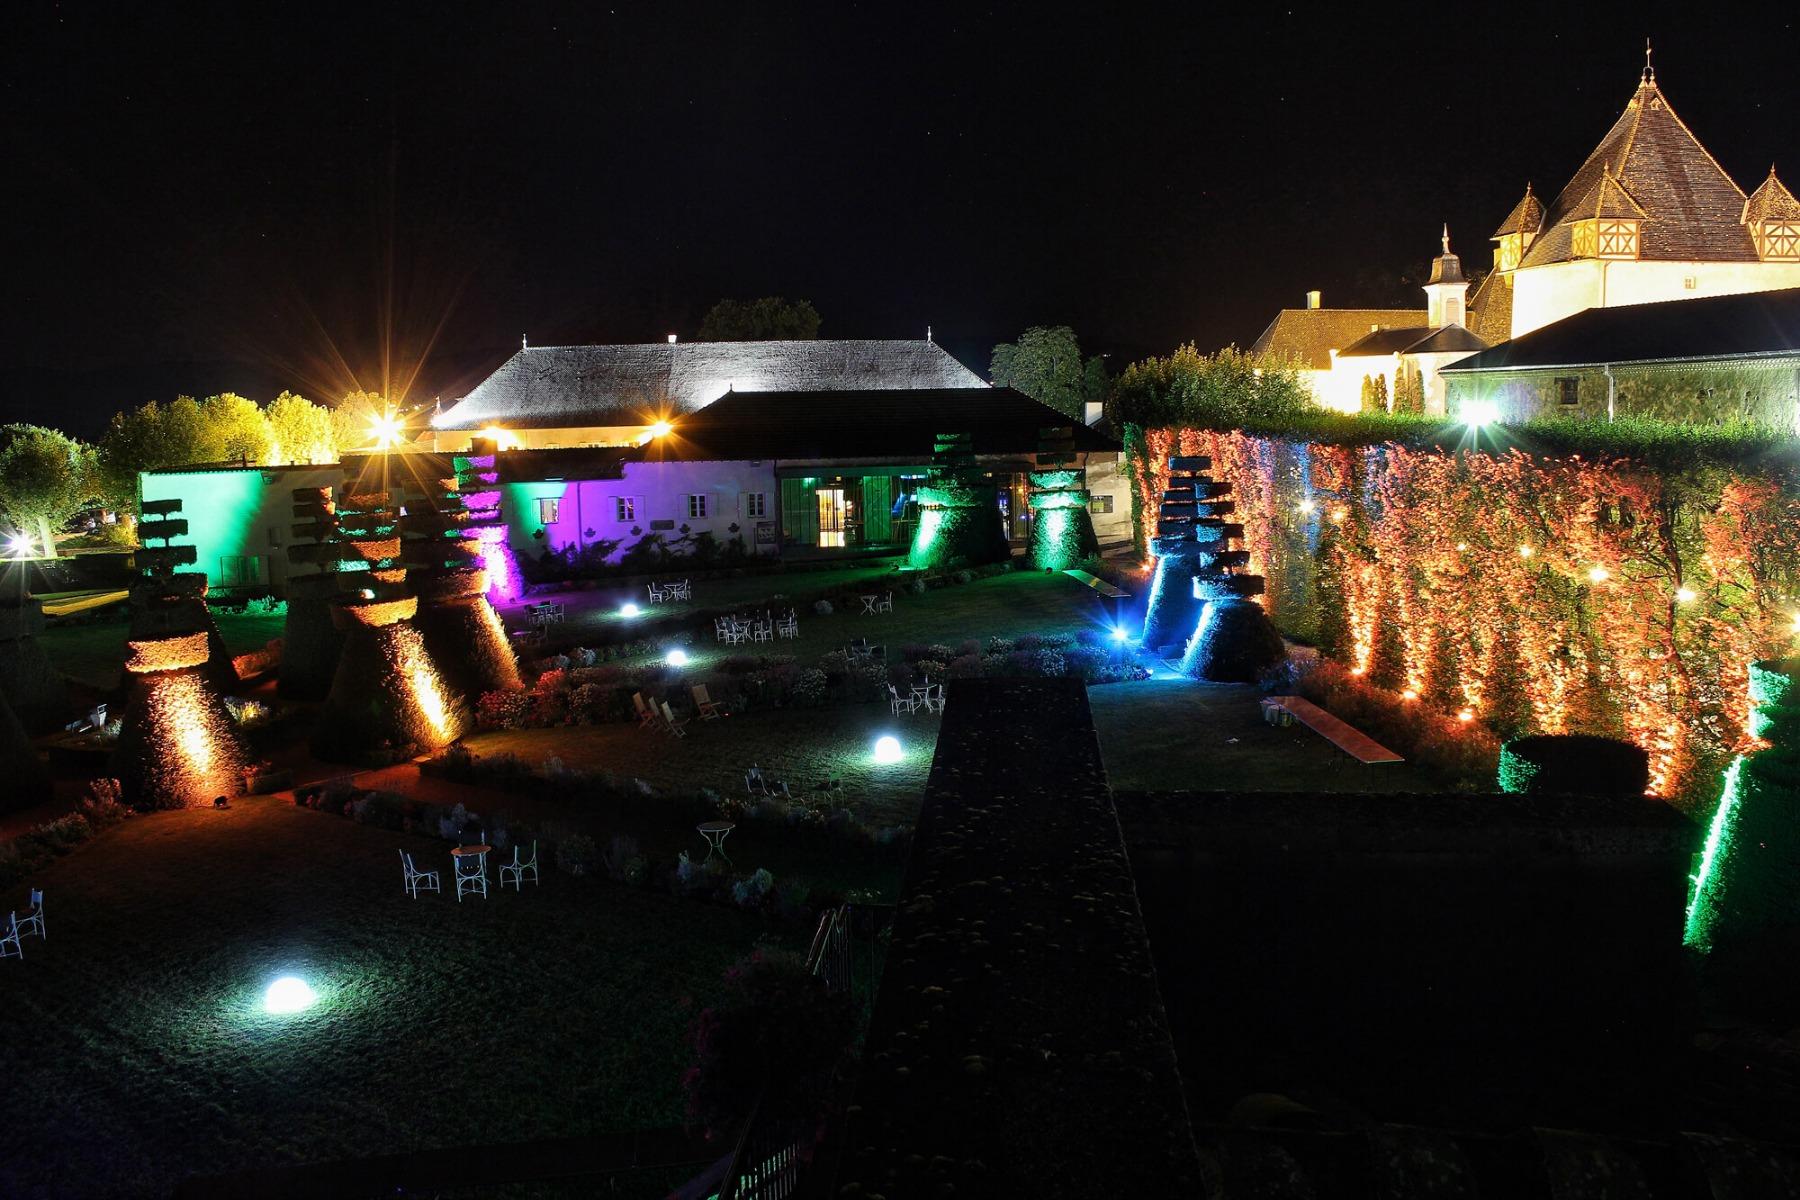 Lumière extérieur étanche pour soirée evenementiel